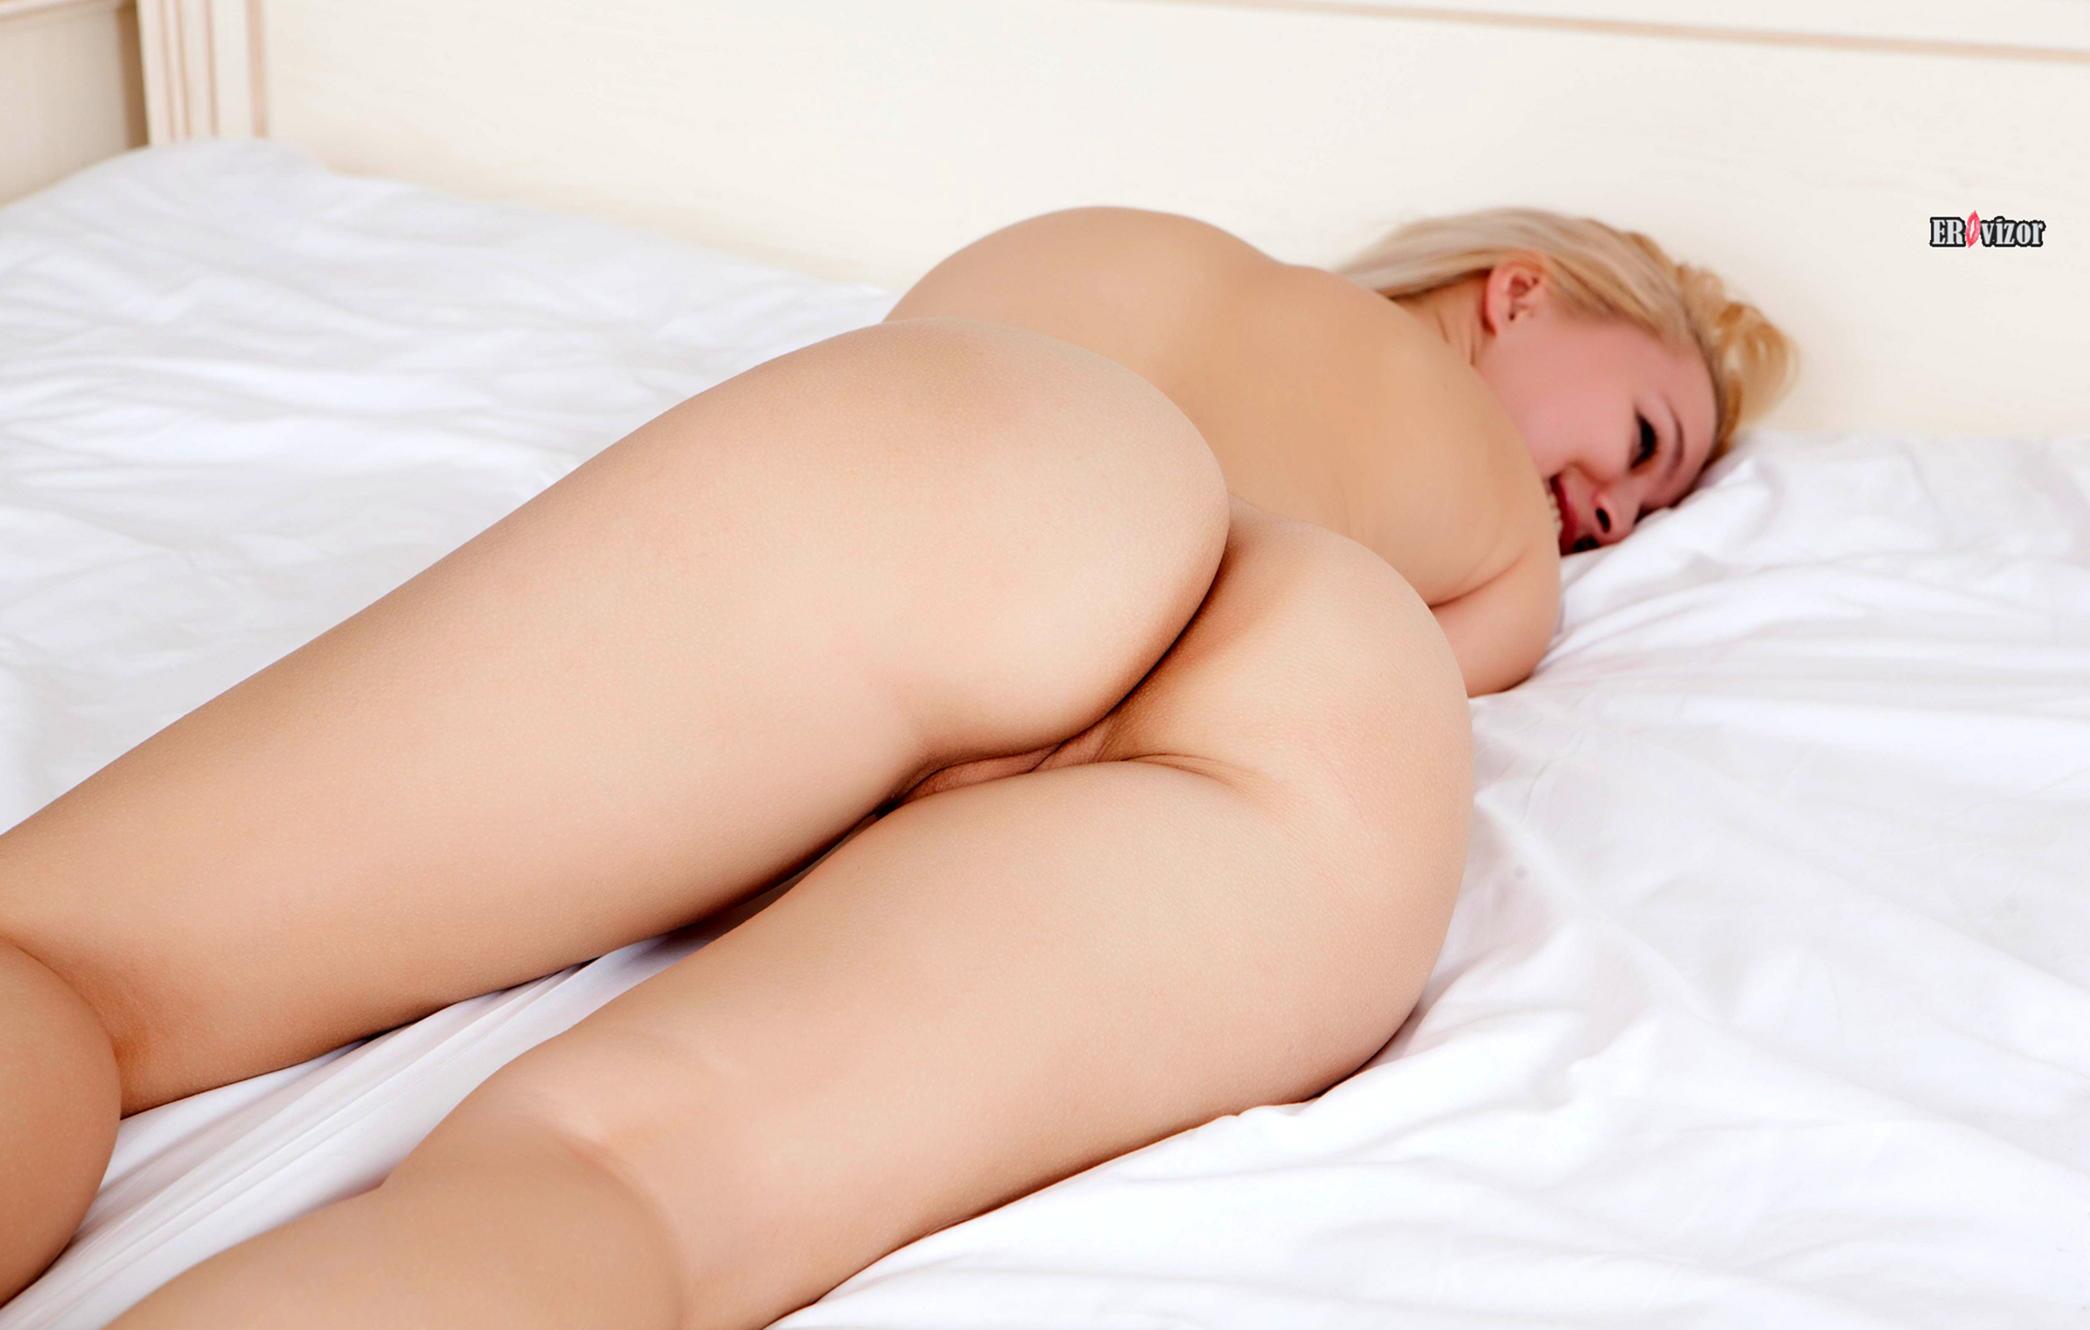 чистая промежность голой девушки